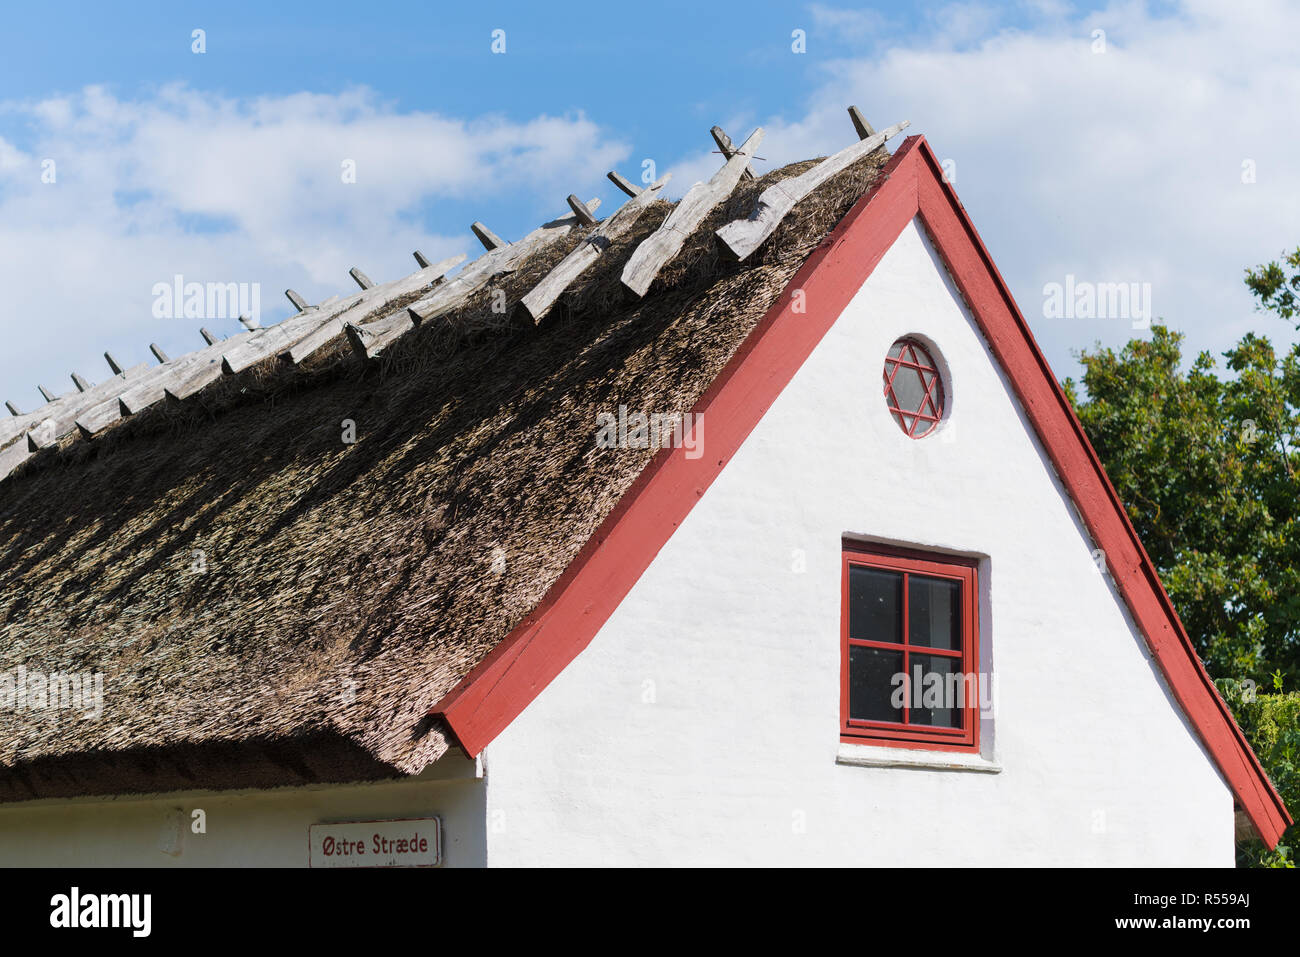 fishermen's village in denmark - Stock Image